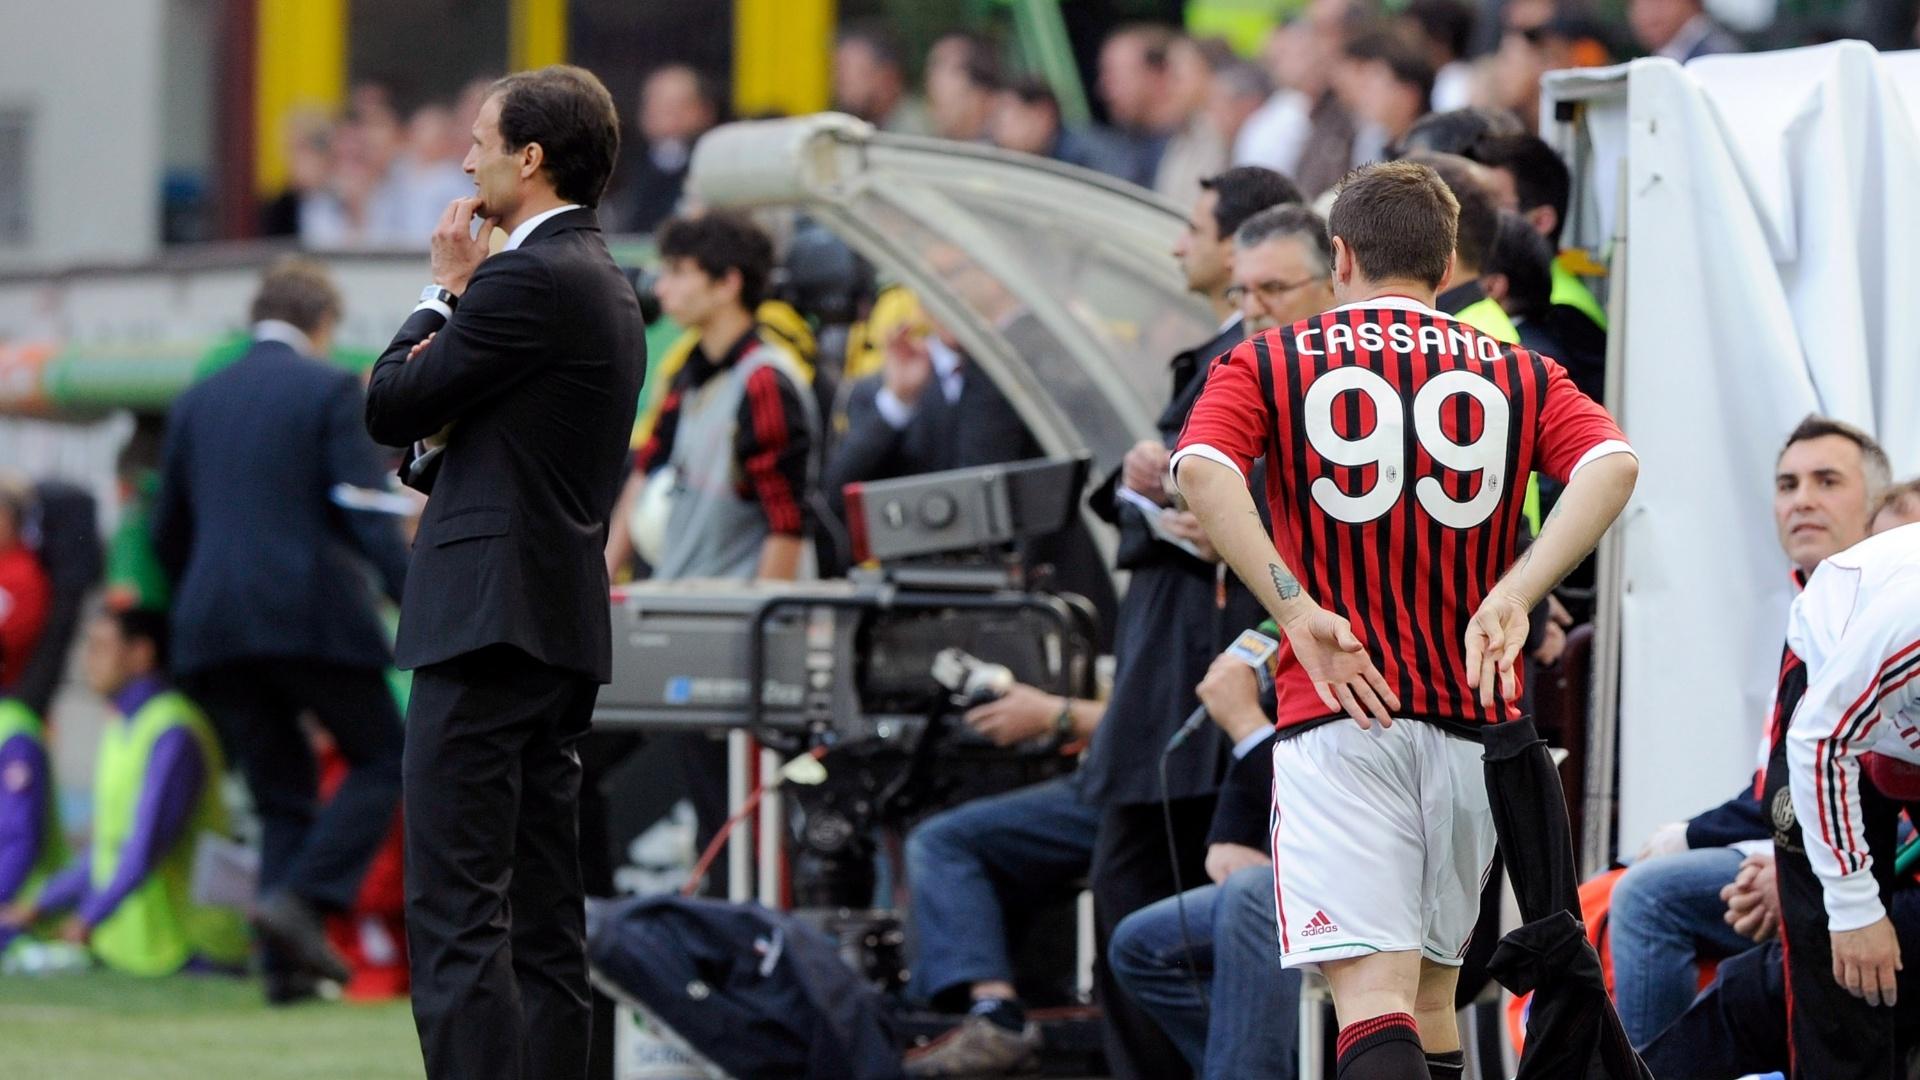 Cassano, do Milan, entrou no segundo tempo e disputou sua primeira partida após a cirurgia cardíaca de novembro do ano passado